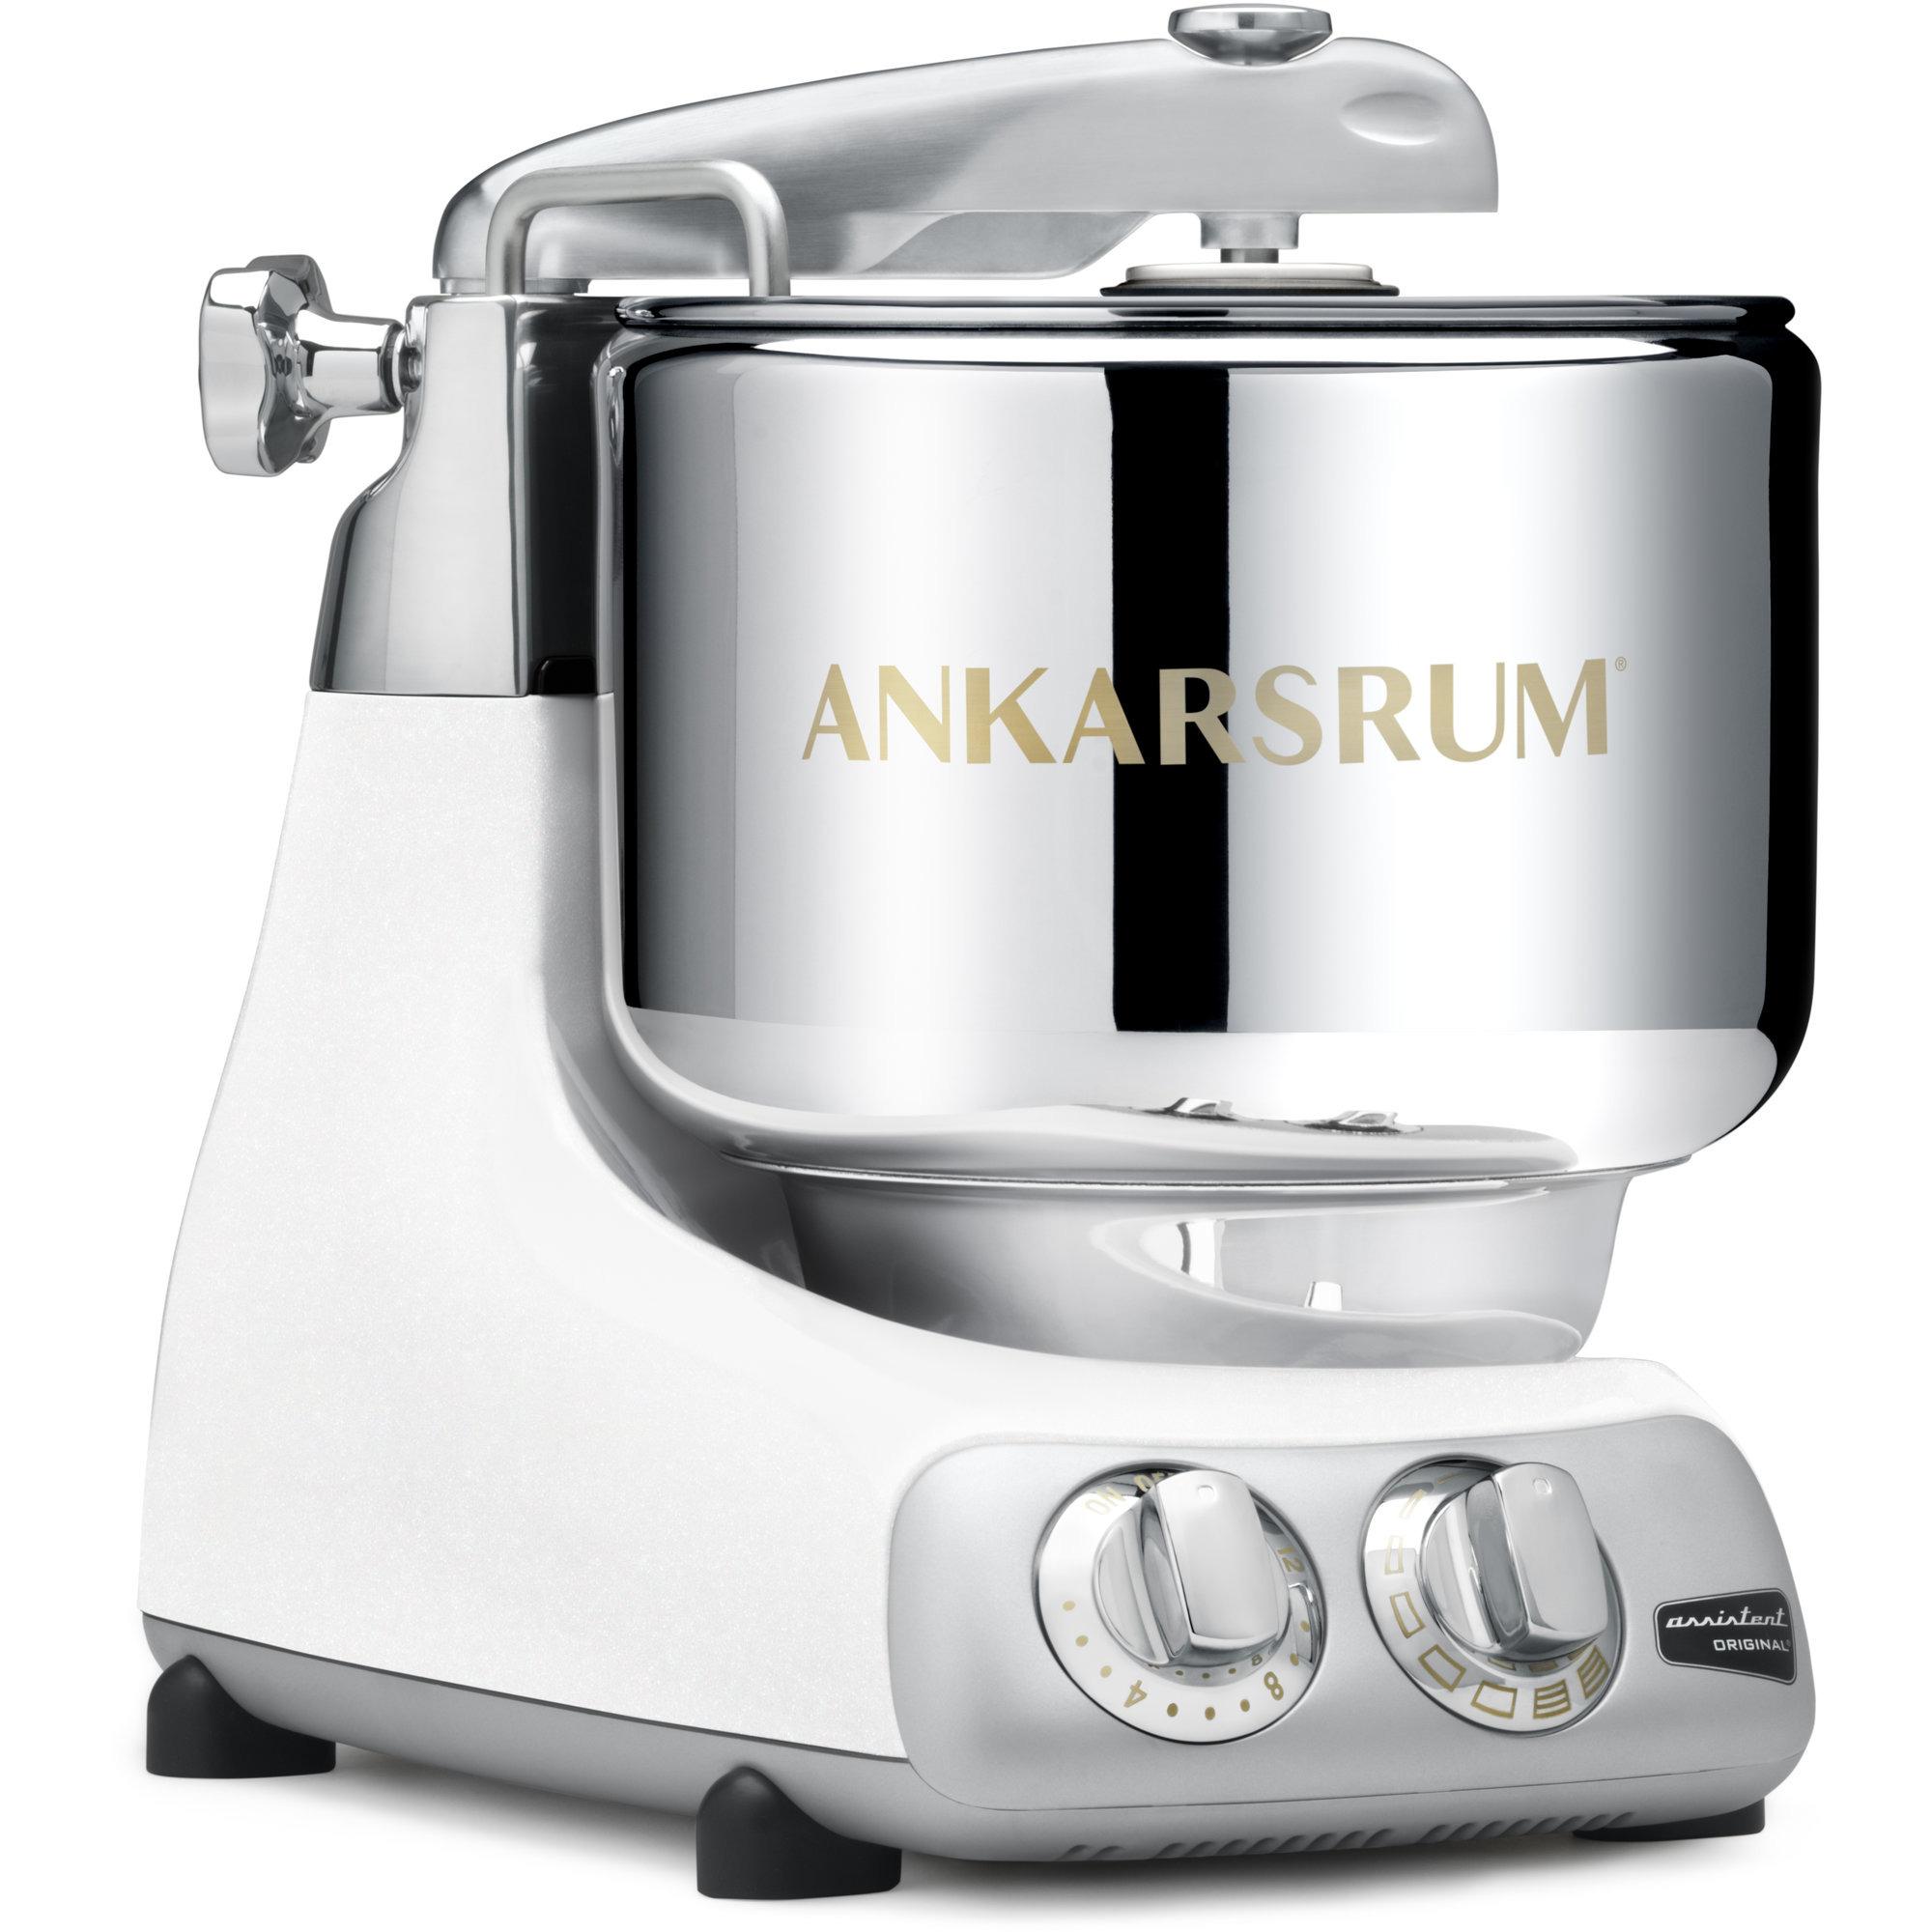 Bilde av Ankarsrum Akm 6230 Kjøkkenmaskin Original Glossy White